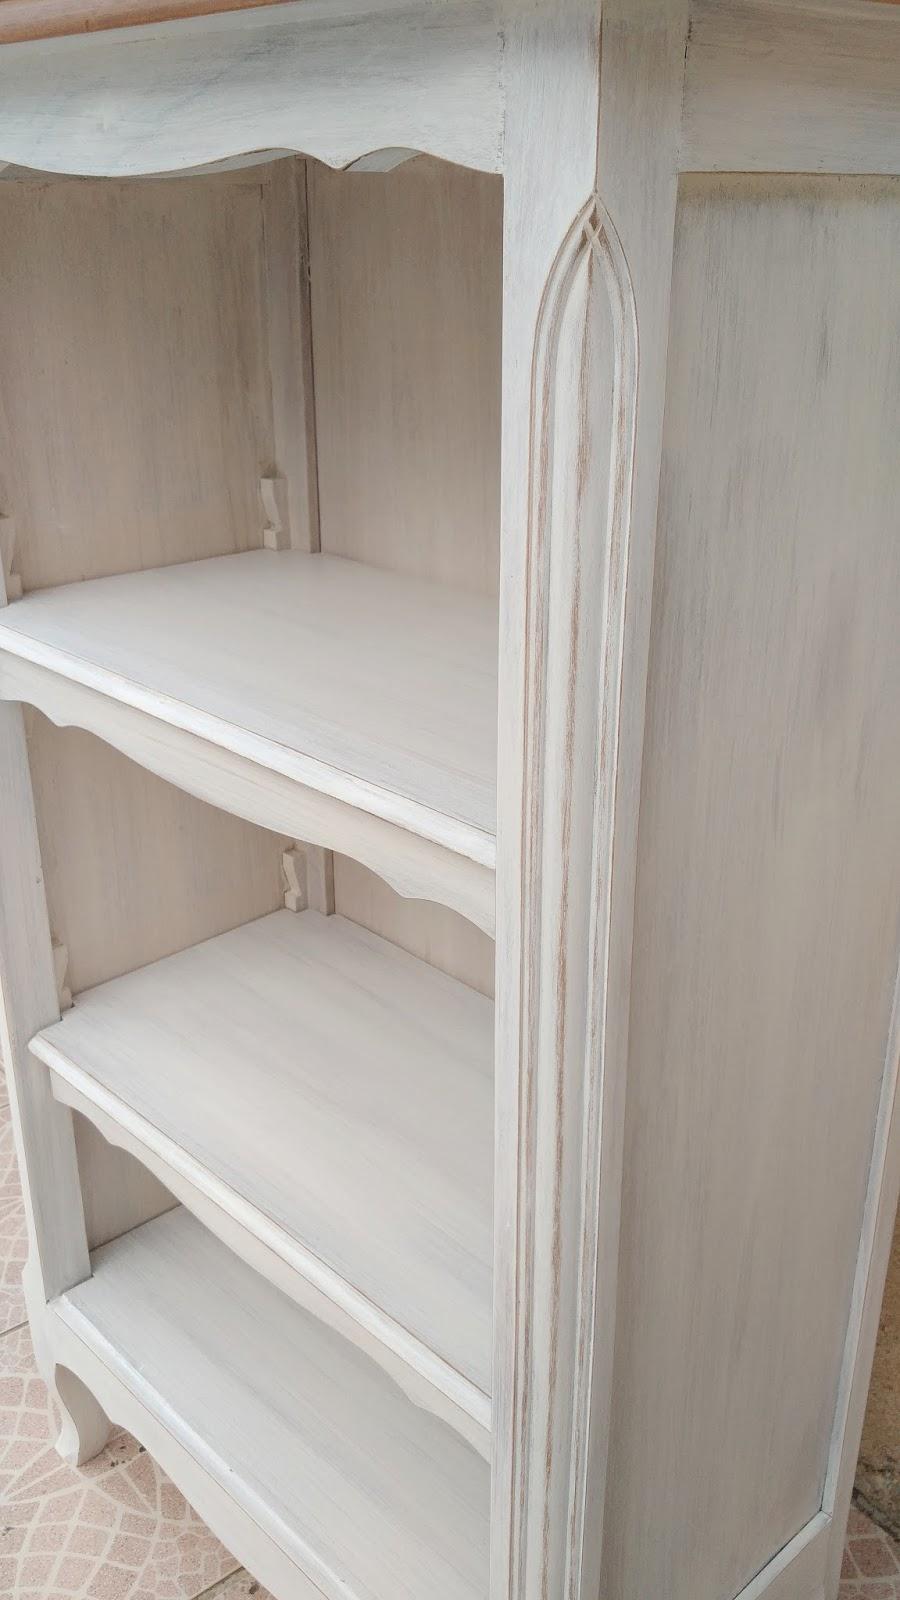 O 39 bois recycl meuble d 39 appoint restaur au go t du jour - Etagere d appoint cuisine ...